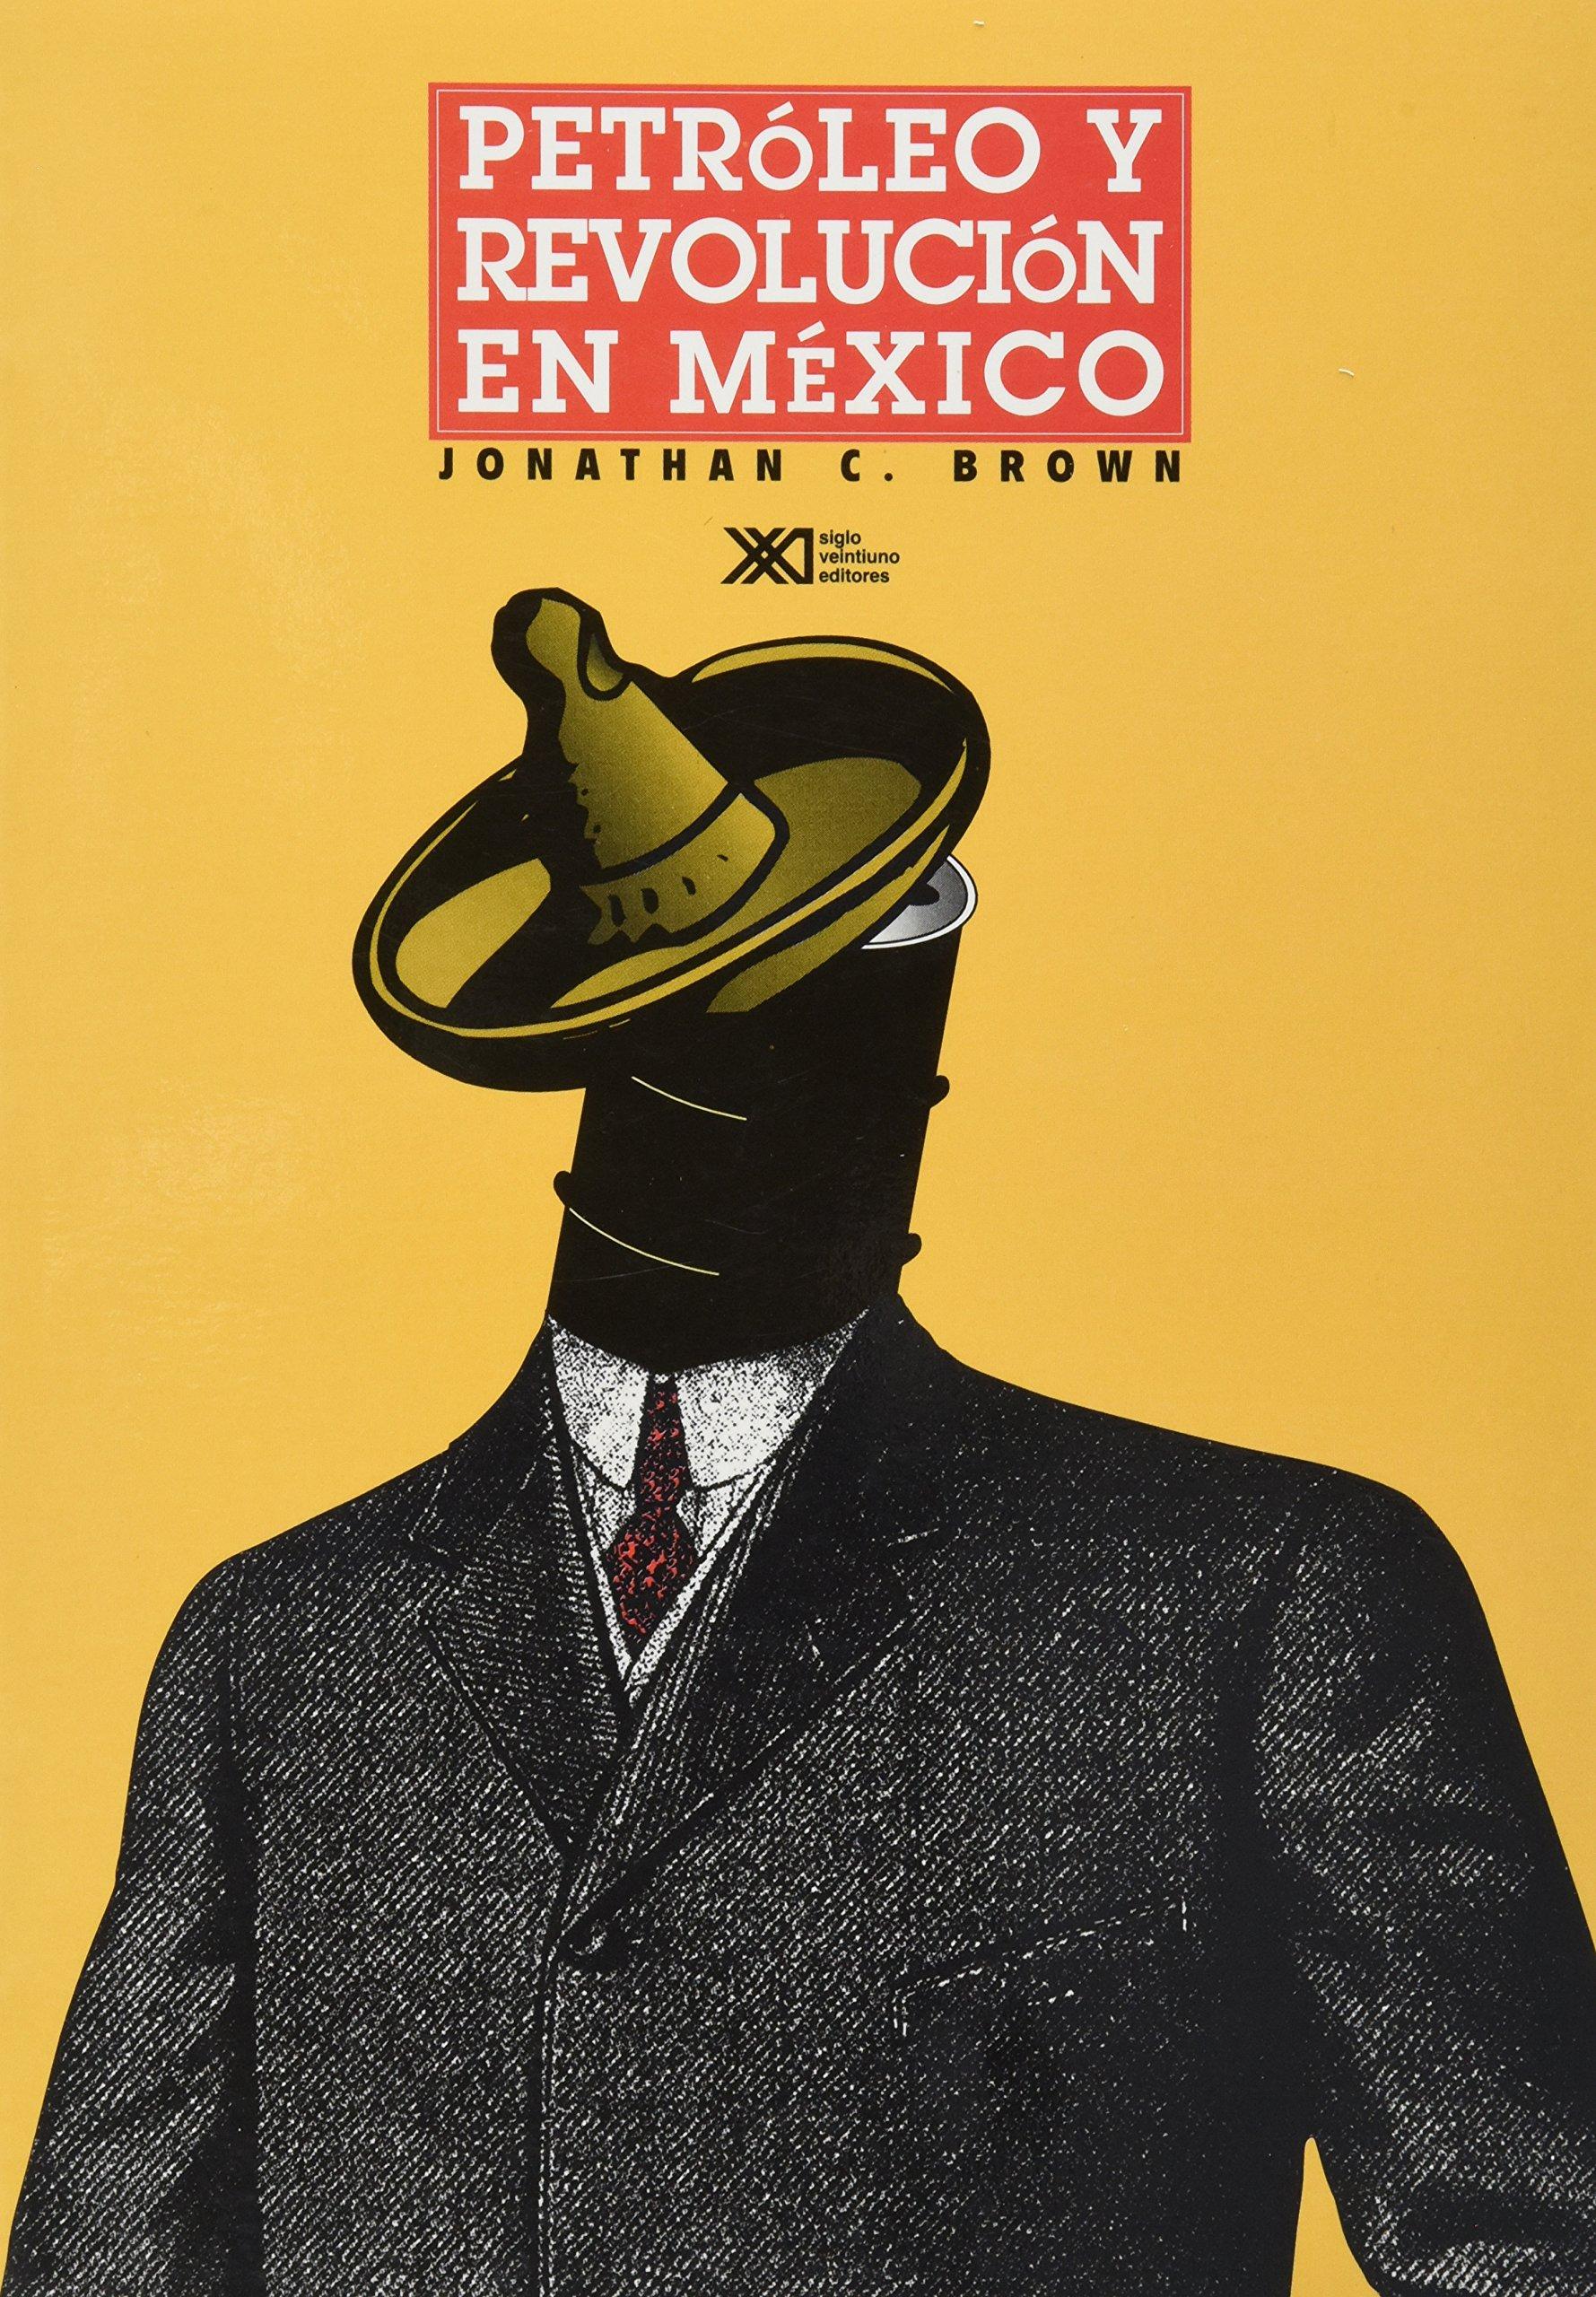 f633e6592d7a5 Petróleo y revolución en México  Jonathan Brown  Amazon.com.mx  Libros